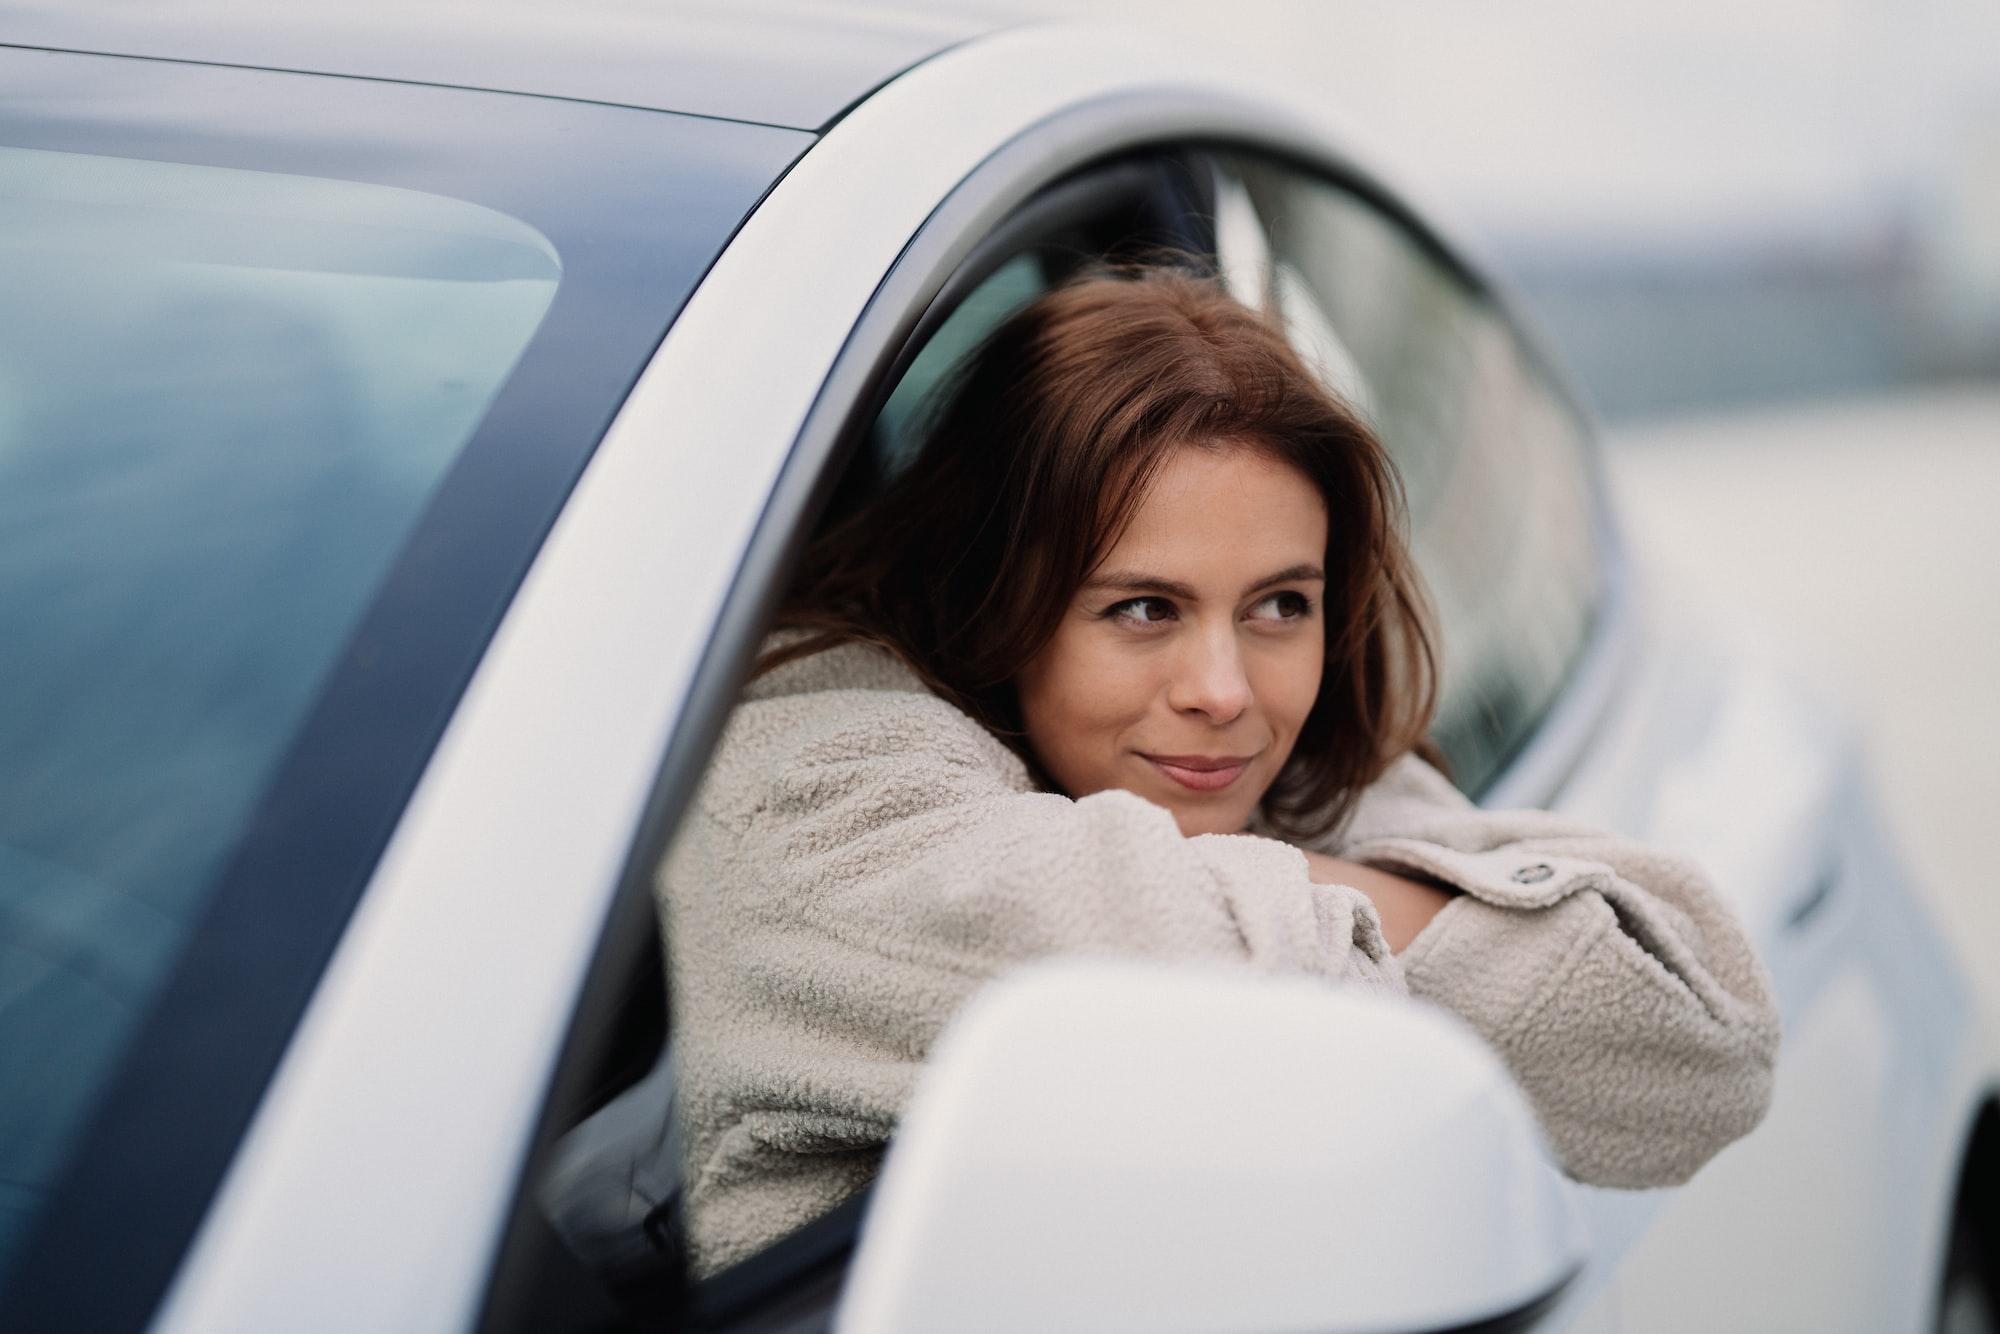 ¿Es necesario tener seguro de carro?